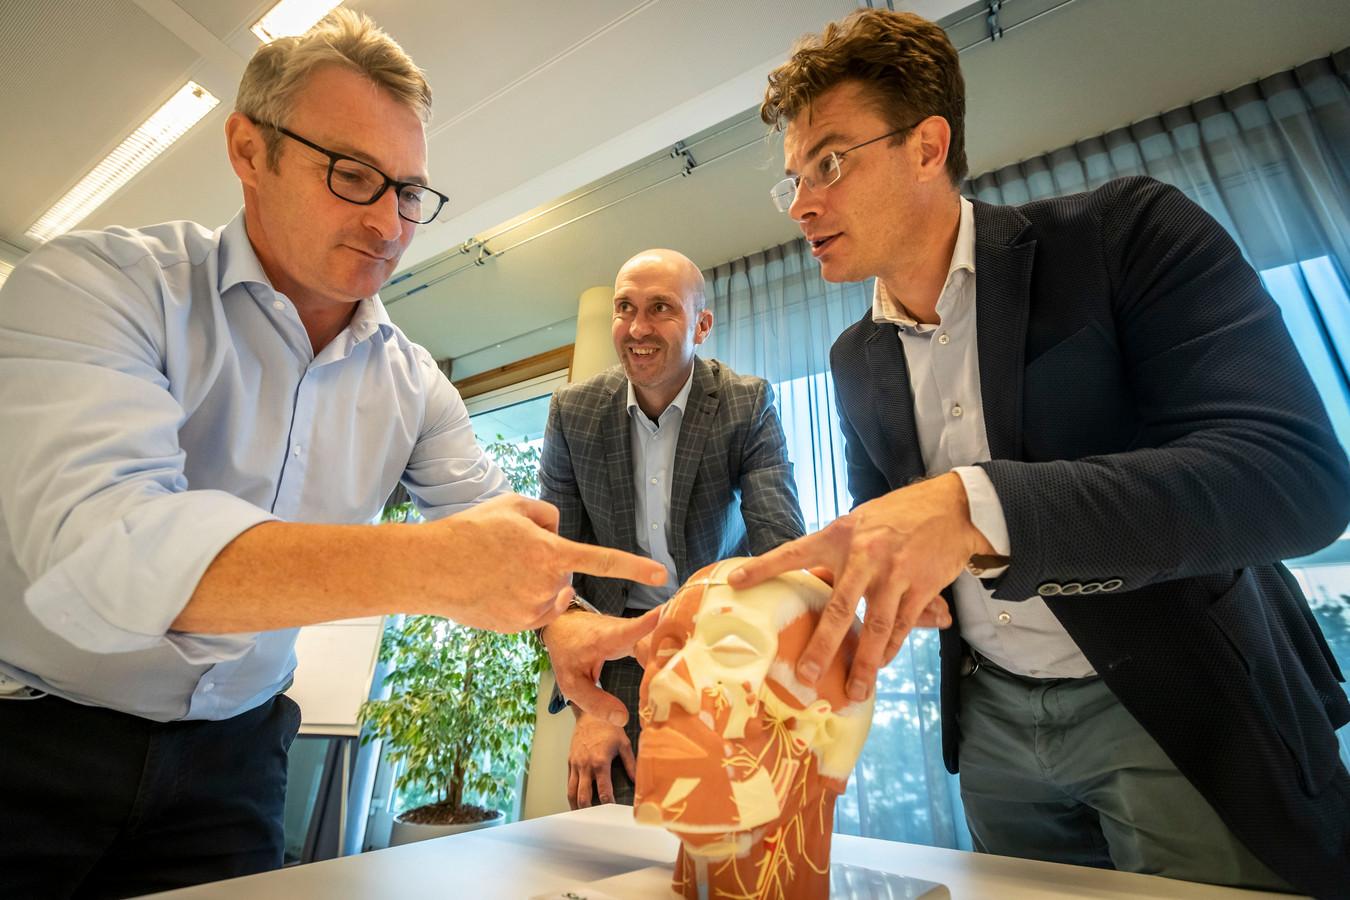 Salvia BioElectronics heeft een prototype gemaakt van een apparaat wat ervoor moet zorgen migraine klachten te verminderen. (Vlnr) Wim Pollet, Daniël Schobben en Hubert Martens.